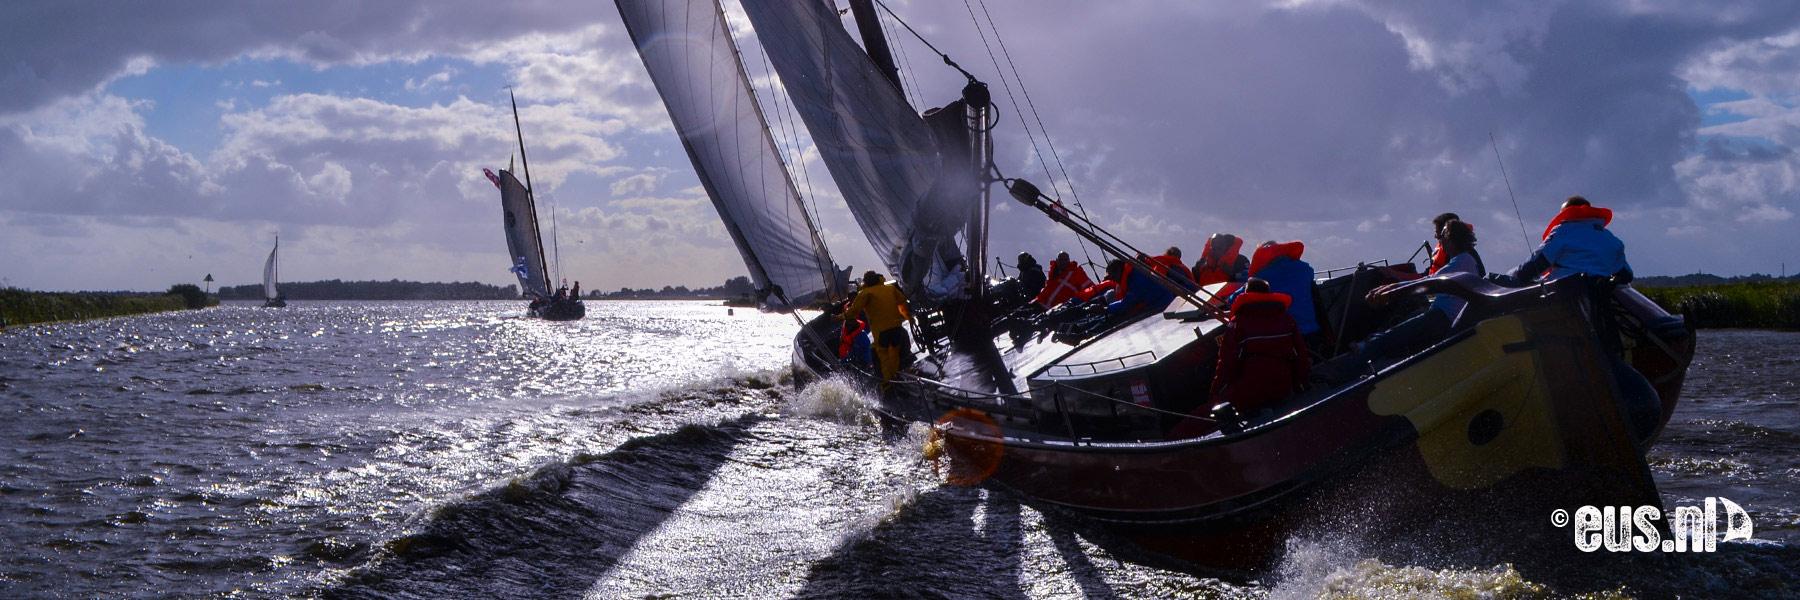 Dagtocht zeilen in Friesland